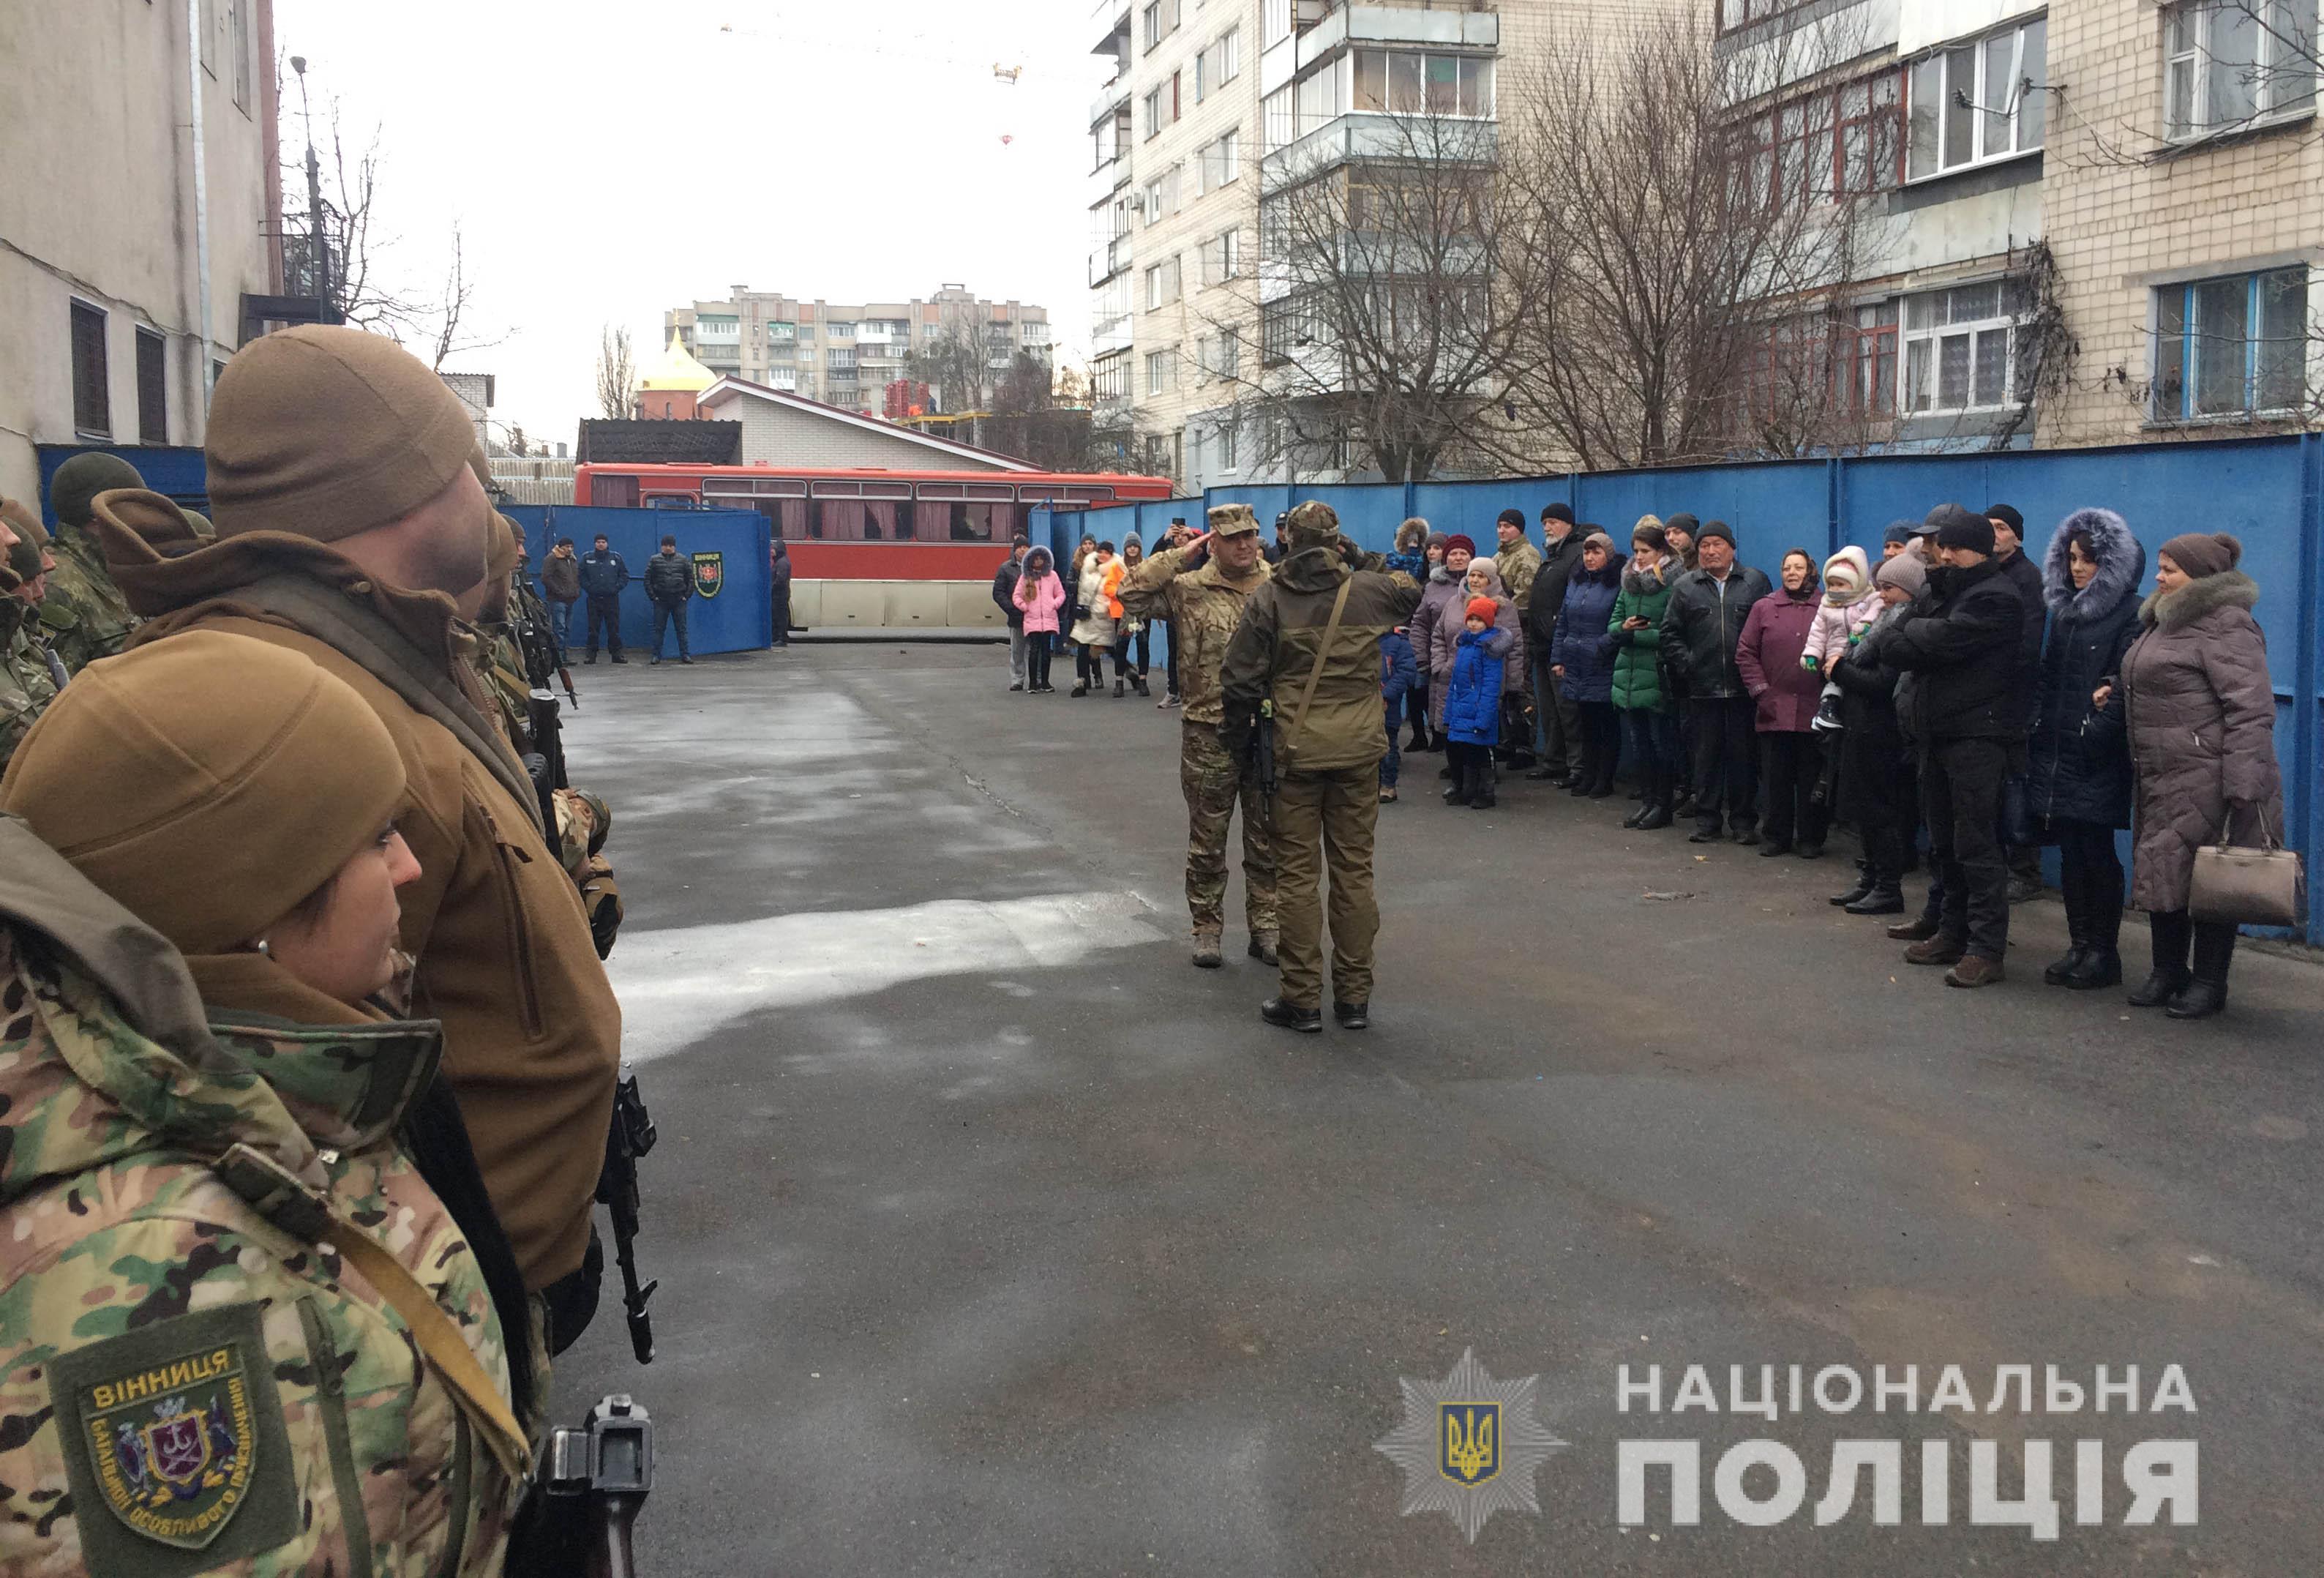 У Вінниці урочисто зустріли поліцейських, які повернулись з Донбасу (Фото)